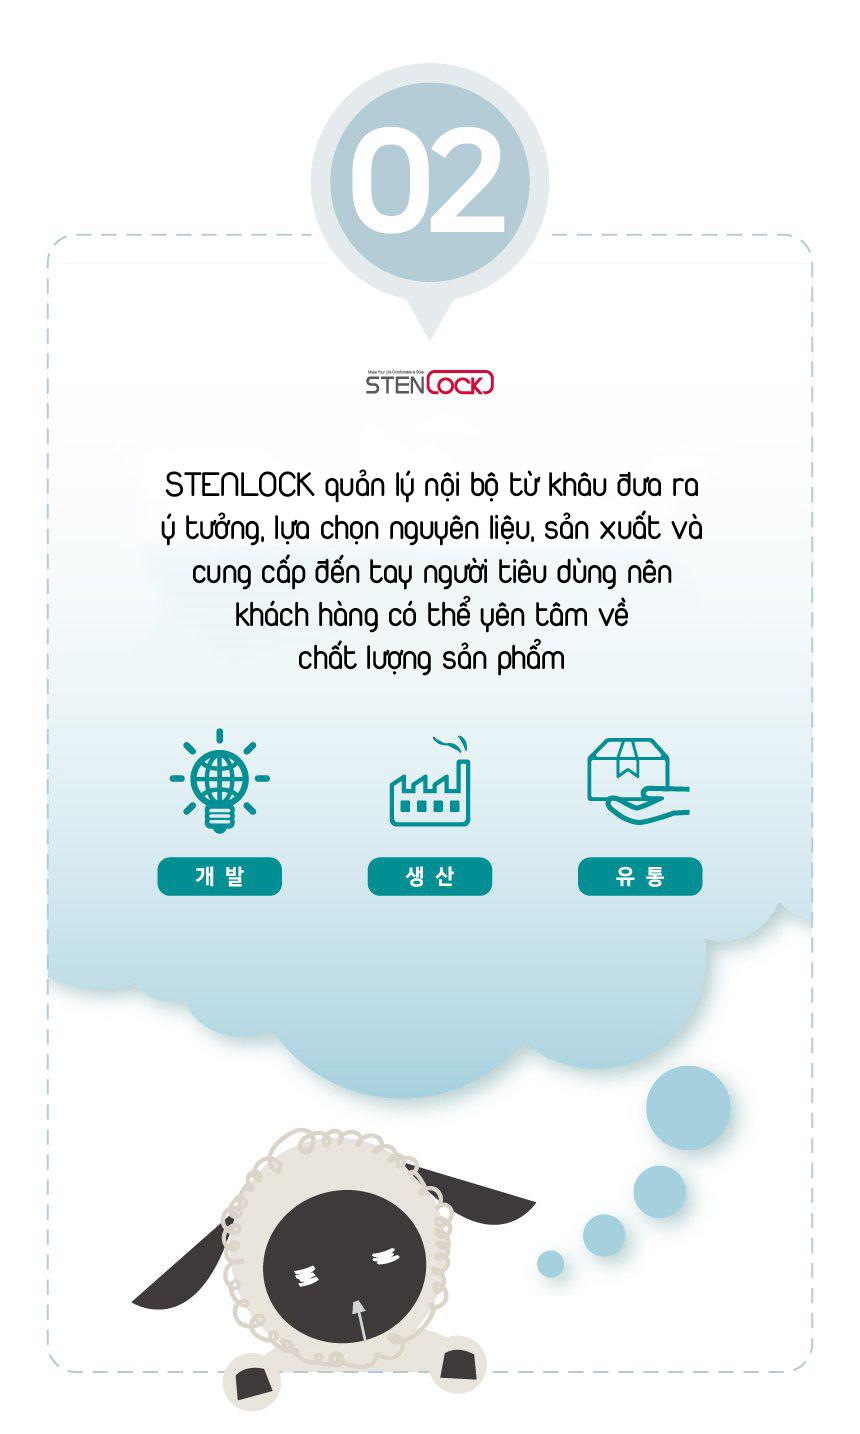 Tô ăn dặm cho bé Stenlock chính hãng Hàn Quốc 3